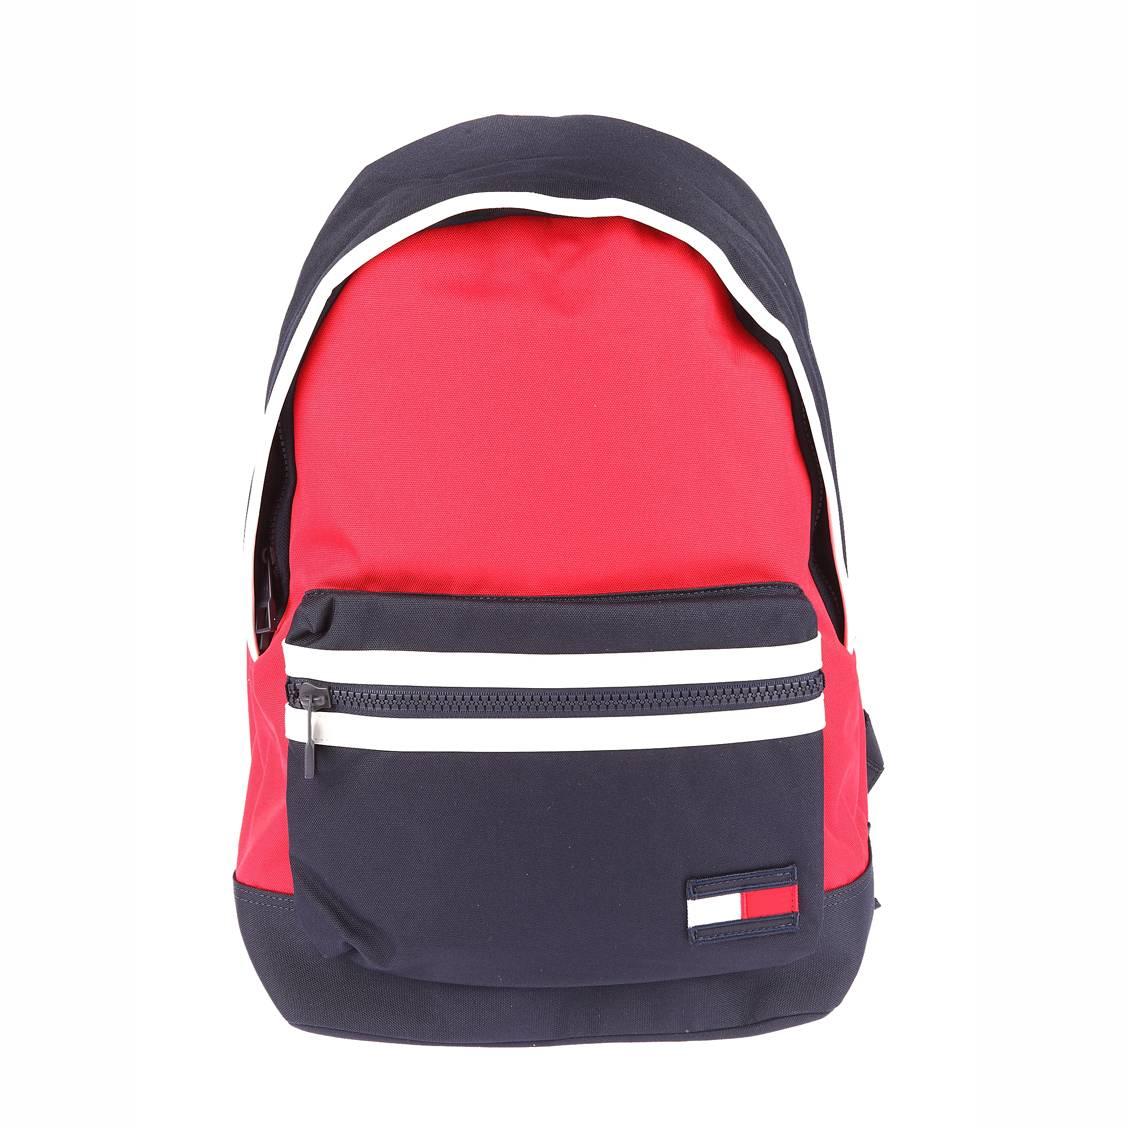 Sac à dos Tommy Jeans Logo bleu marine avec poche avant rouge et blanche 37hpmK8w